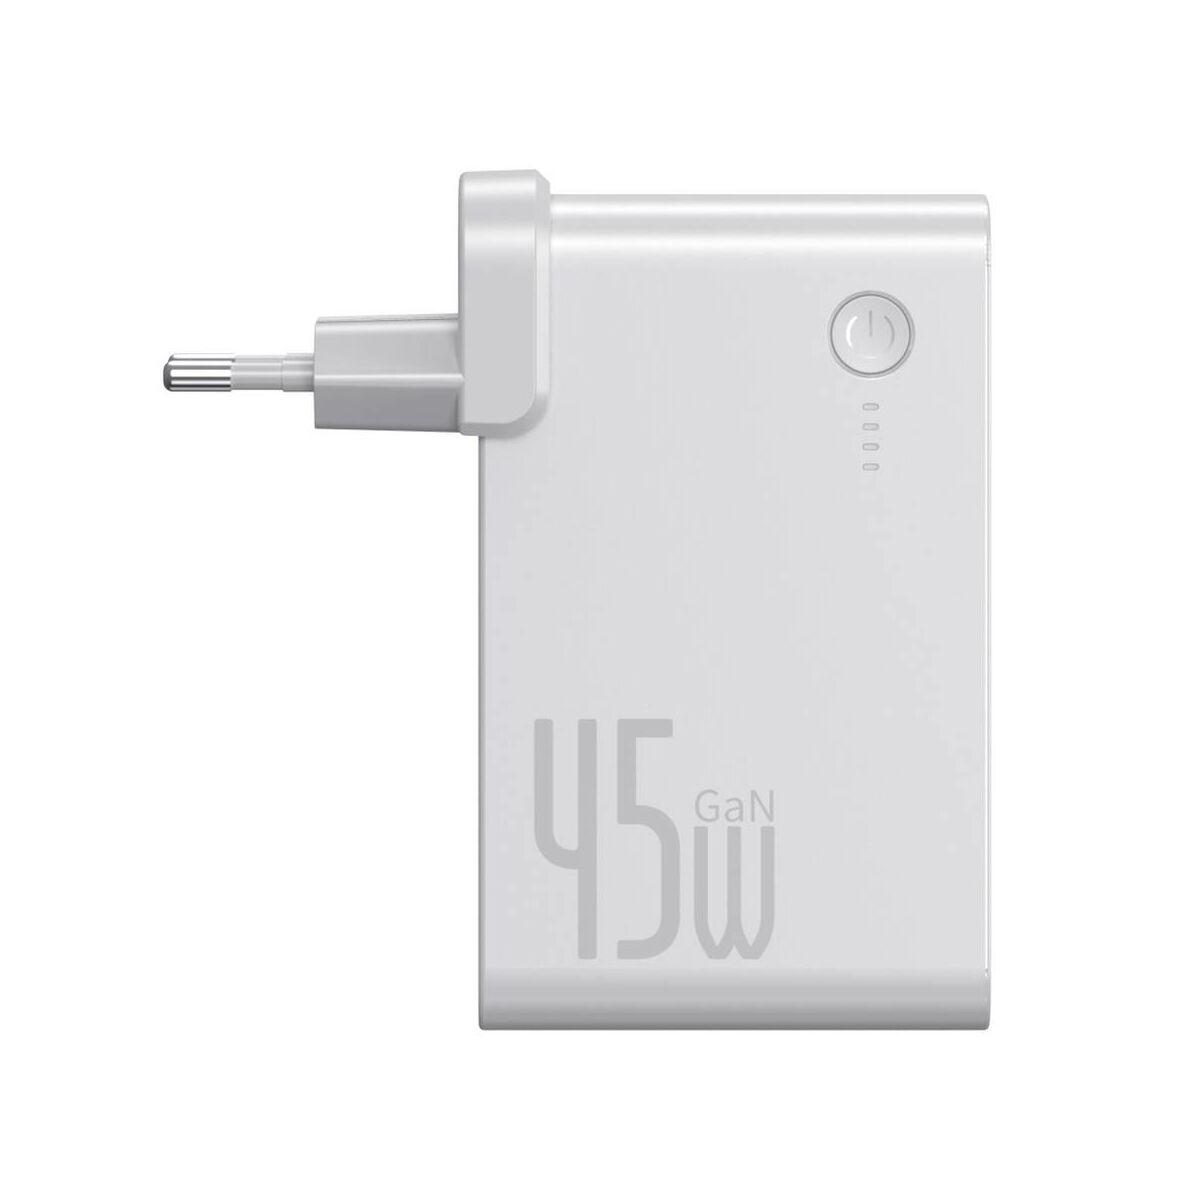 Baseus Power Station, 2-in-1 hálózati töltő és power bank, Type-C + USB-A (Type-C kábel 60 W, 1m) 45W, 10000 mAh, , fehér (PPNLD-C02)